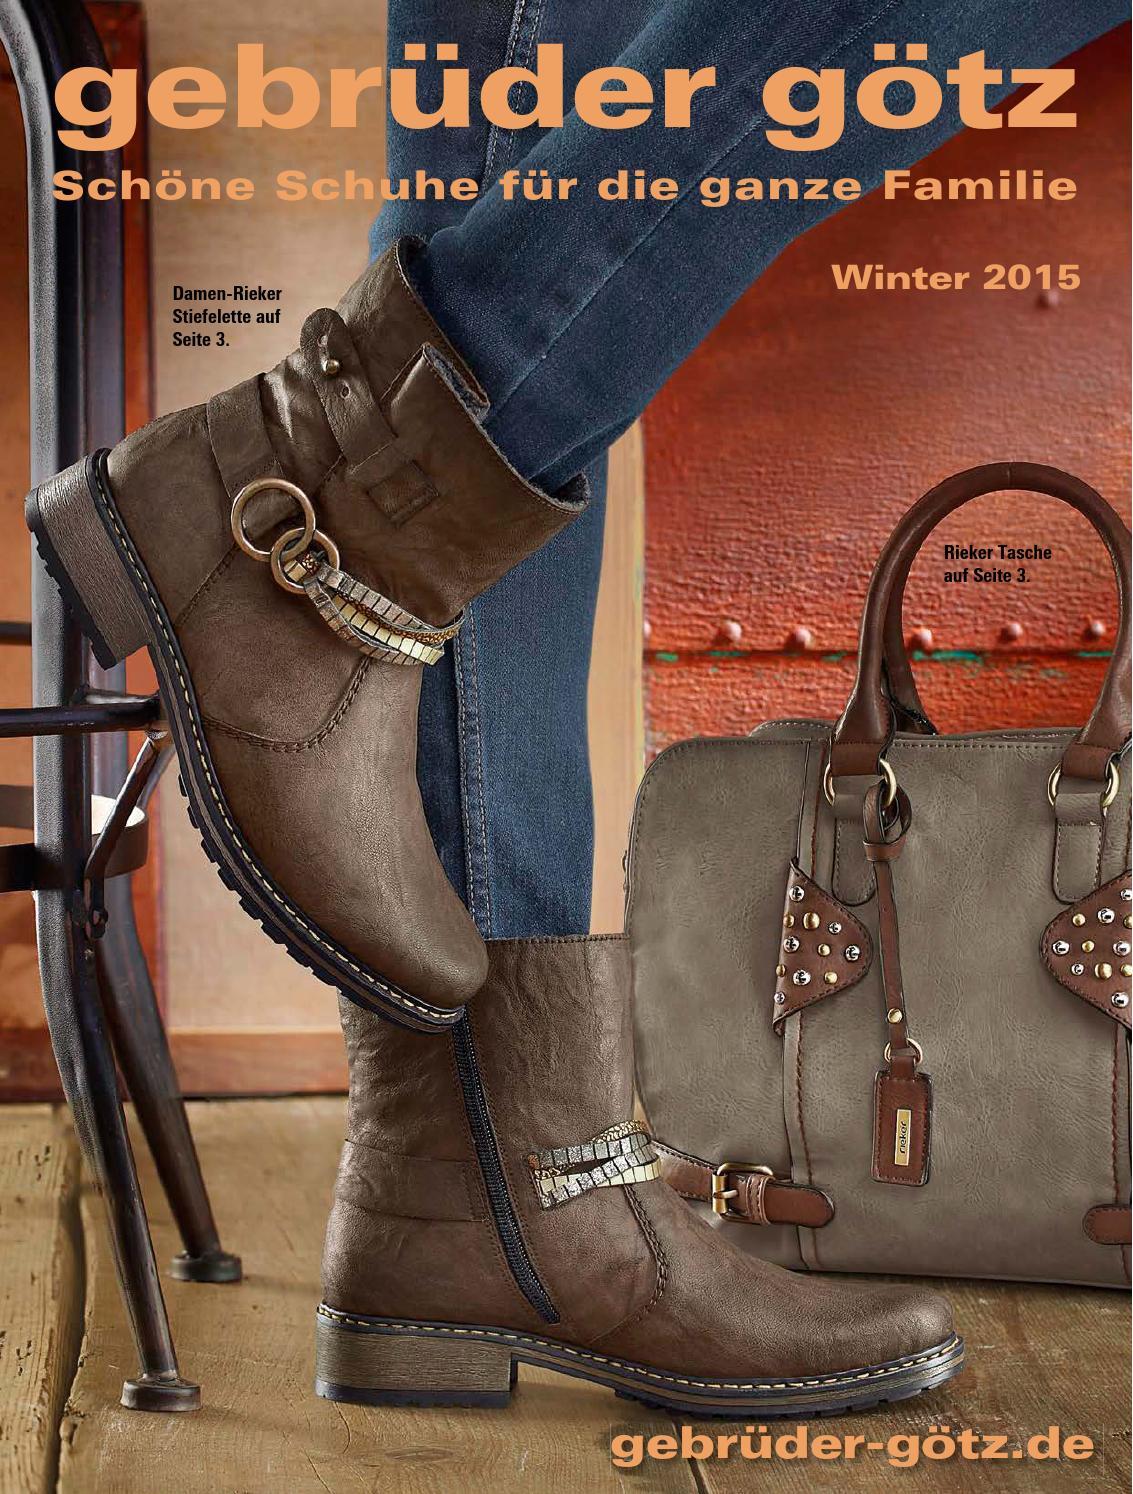 Mädchen Boots Stiefeletten Farbe Camel komplett mit plüsch gefüttert Gr.28-35